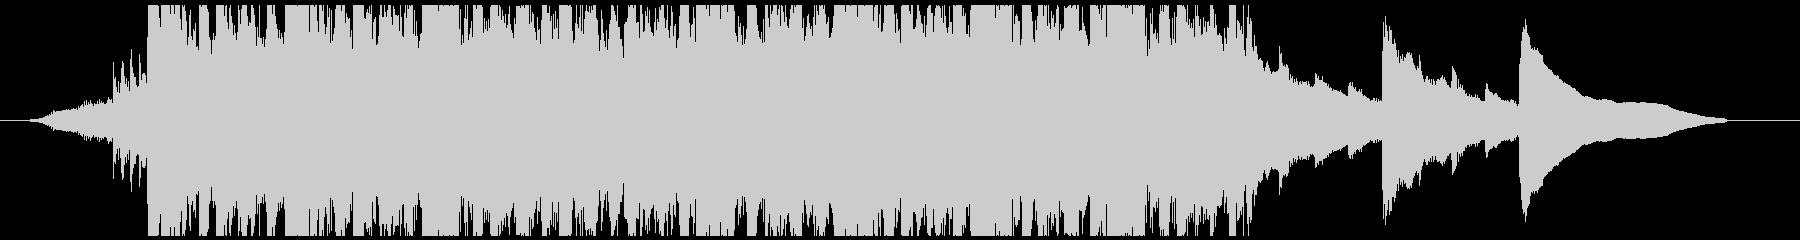 環境にやさしい事業紹介のCM曲-30秒の未再生の波形